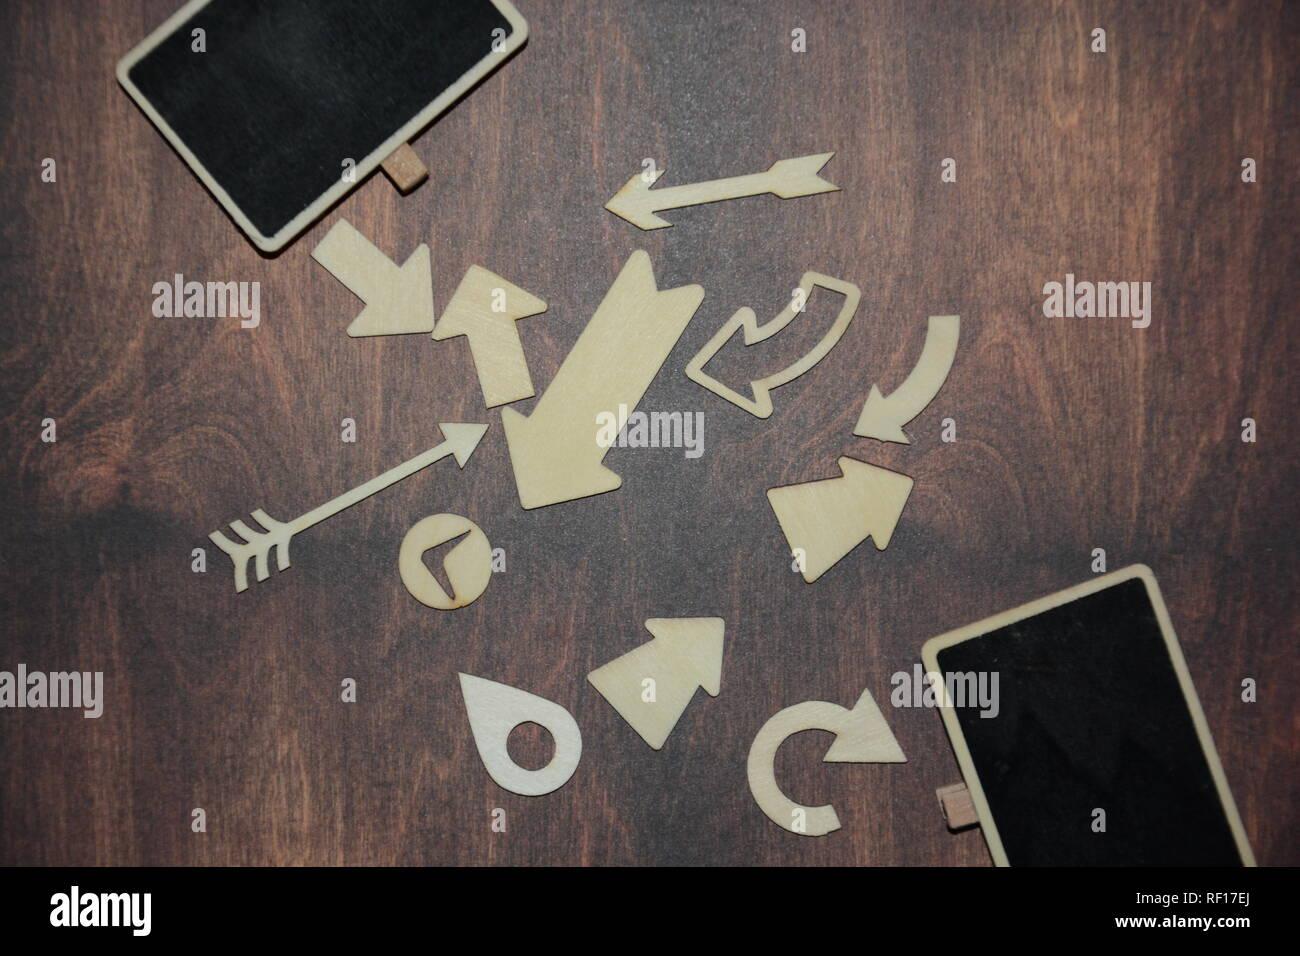 Wegweiser, Koffer, Urlaub, Reisen, Buchstaben, Hintergrund - Stock Image